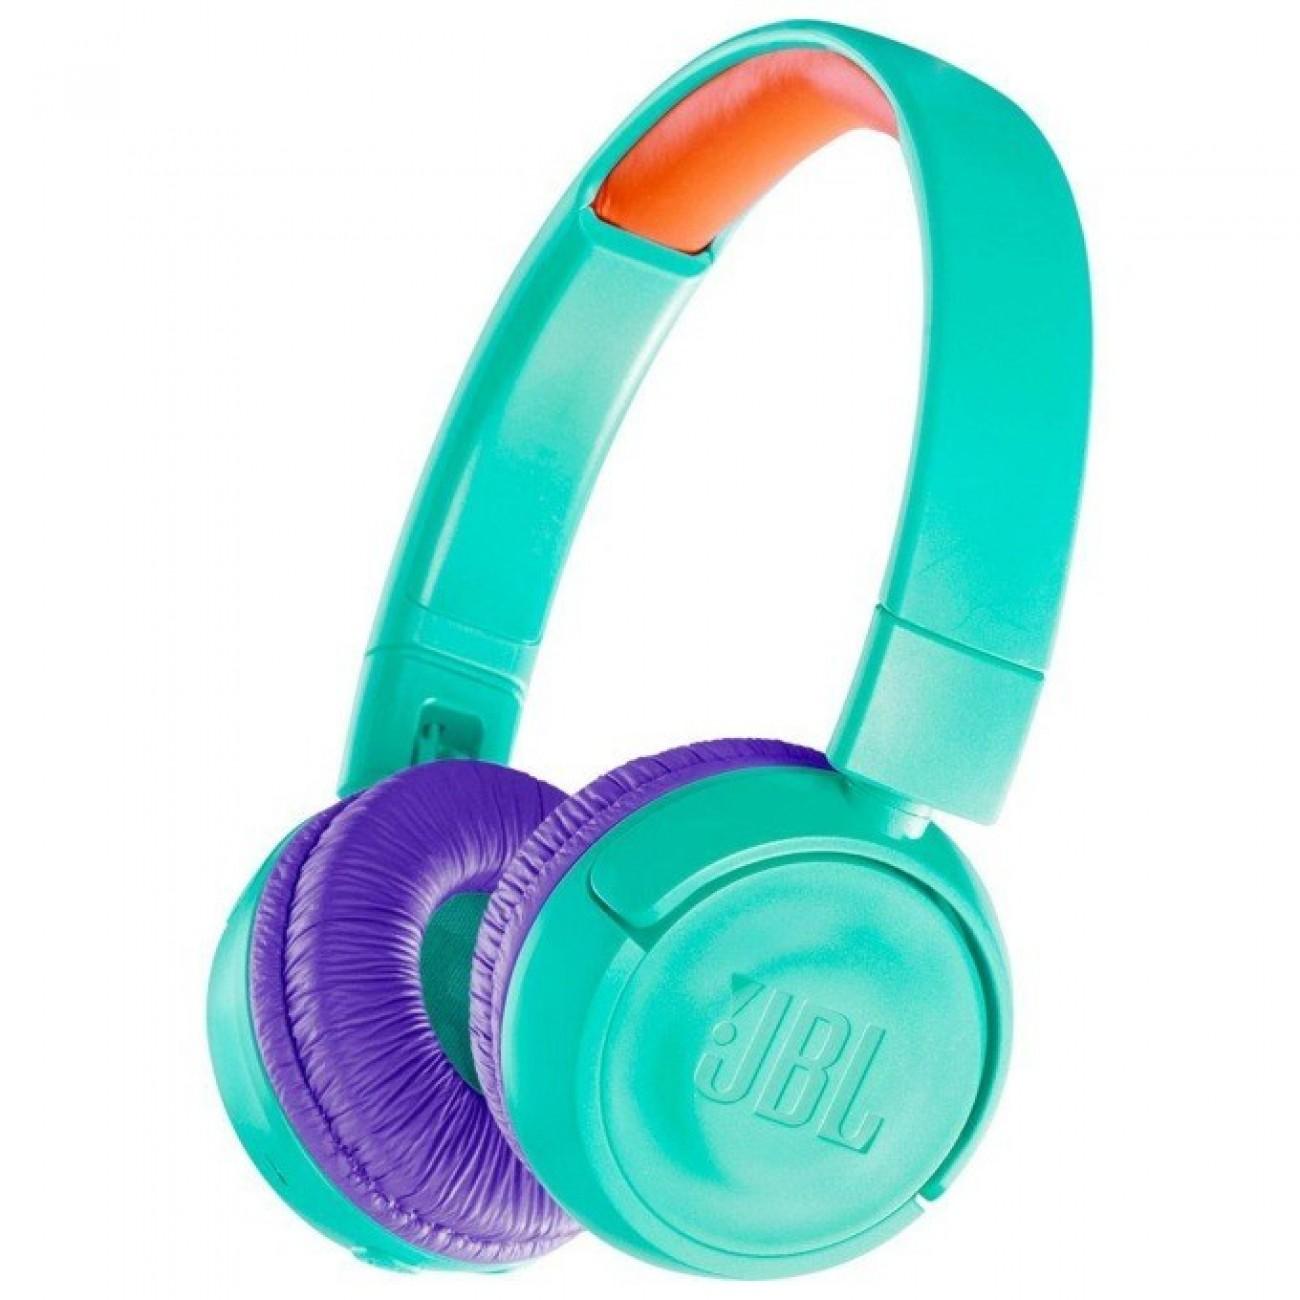 Слушалки JBL JR300BT, безжични, детски, Bluetooth, 12 часа живот на батерията при непрекъснато възпроизвеждане, светлозелени в Слушалки -  | Alleop